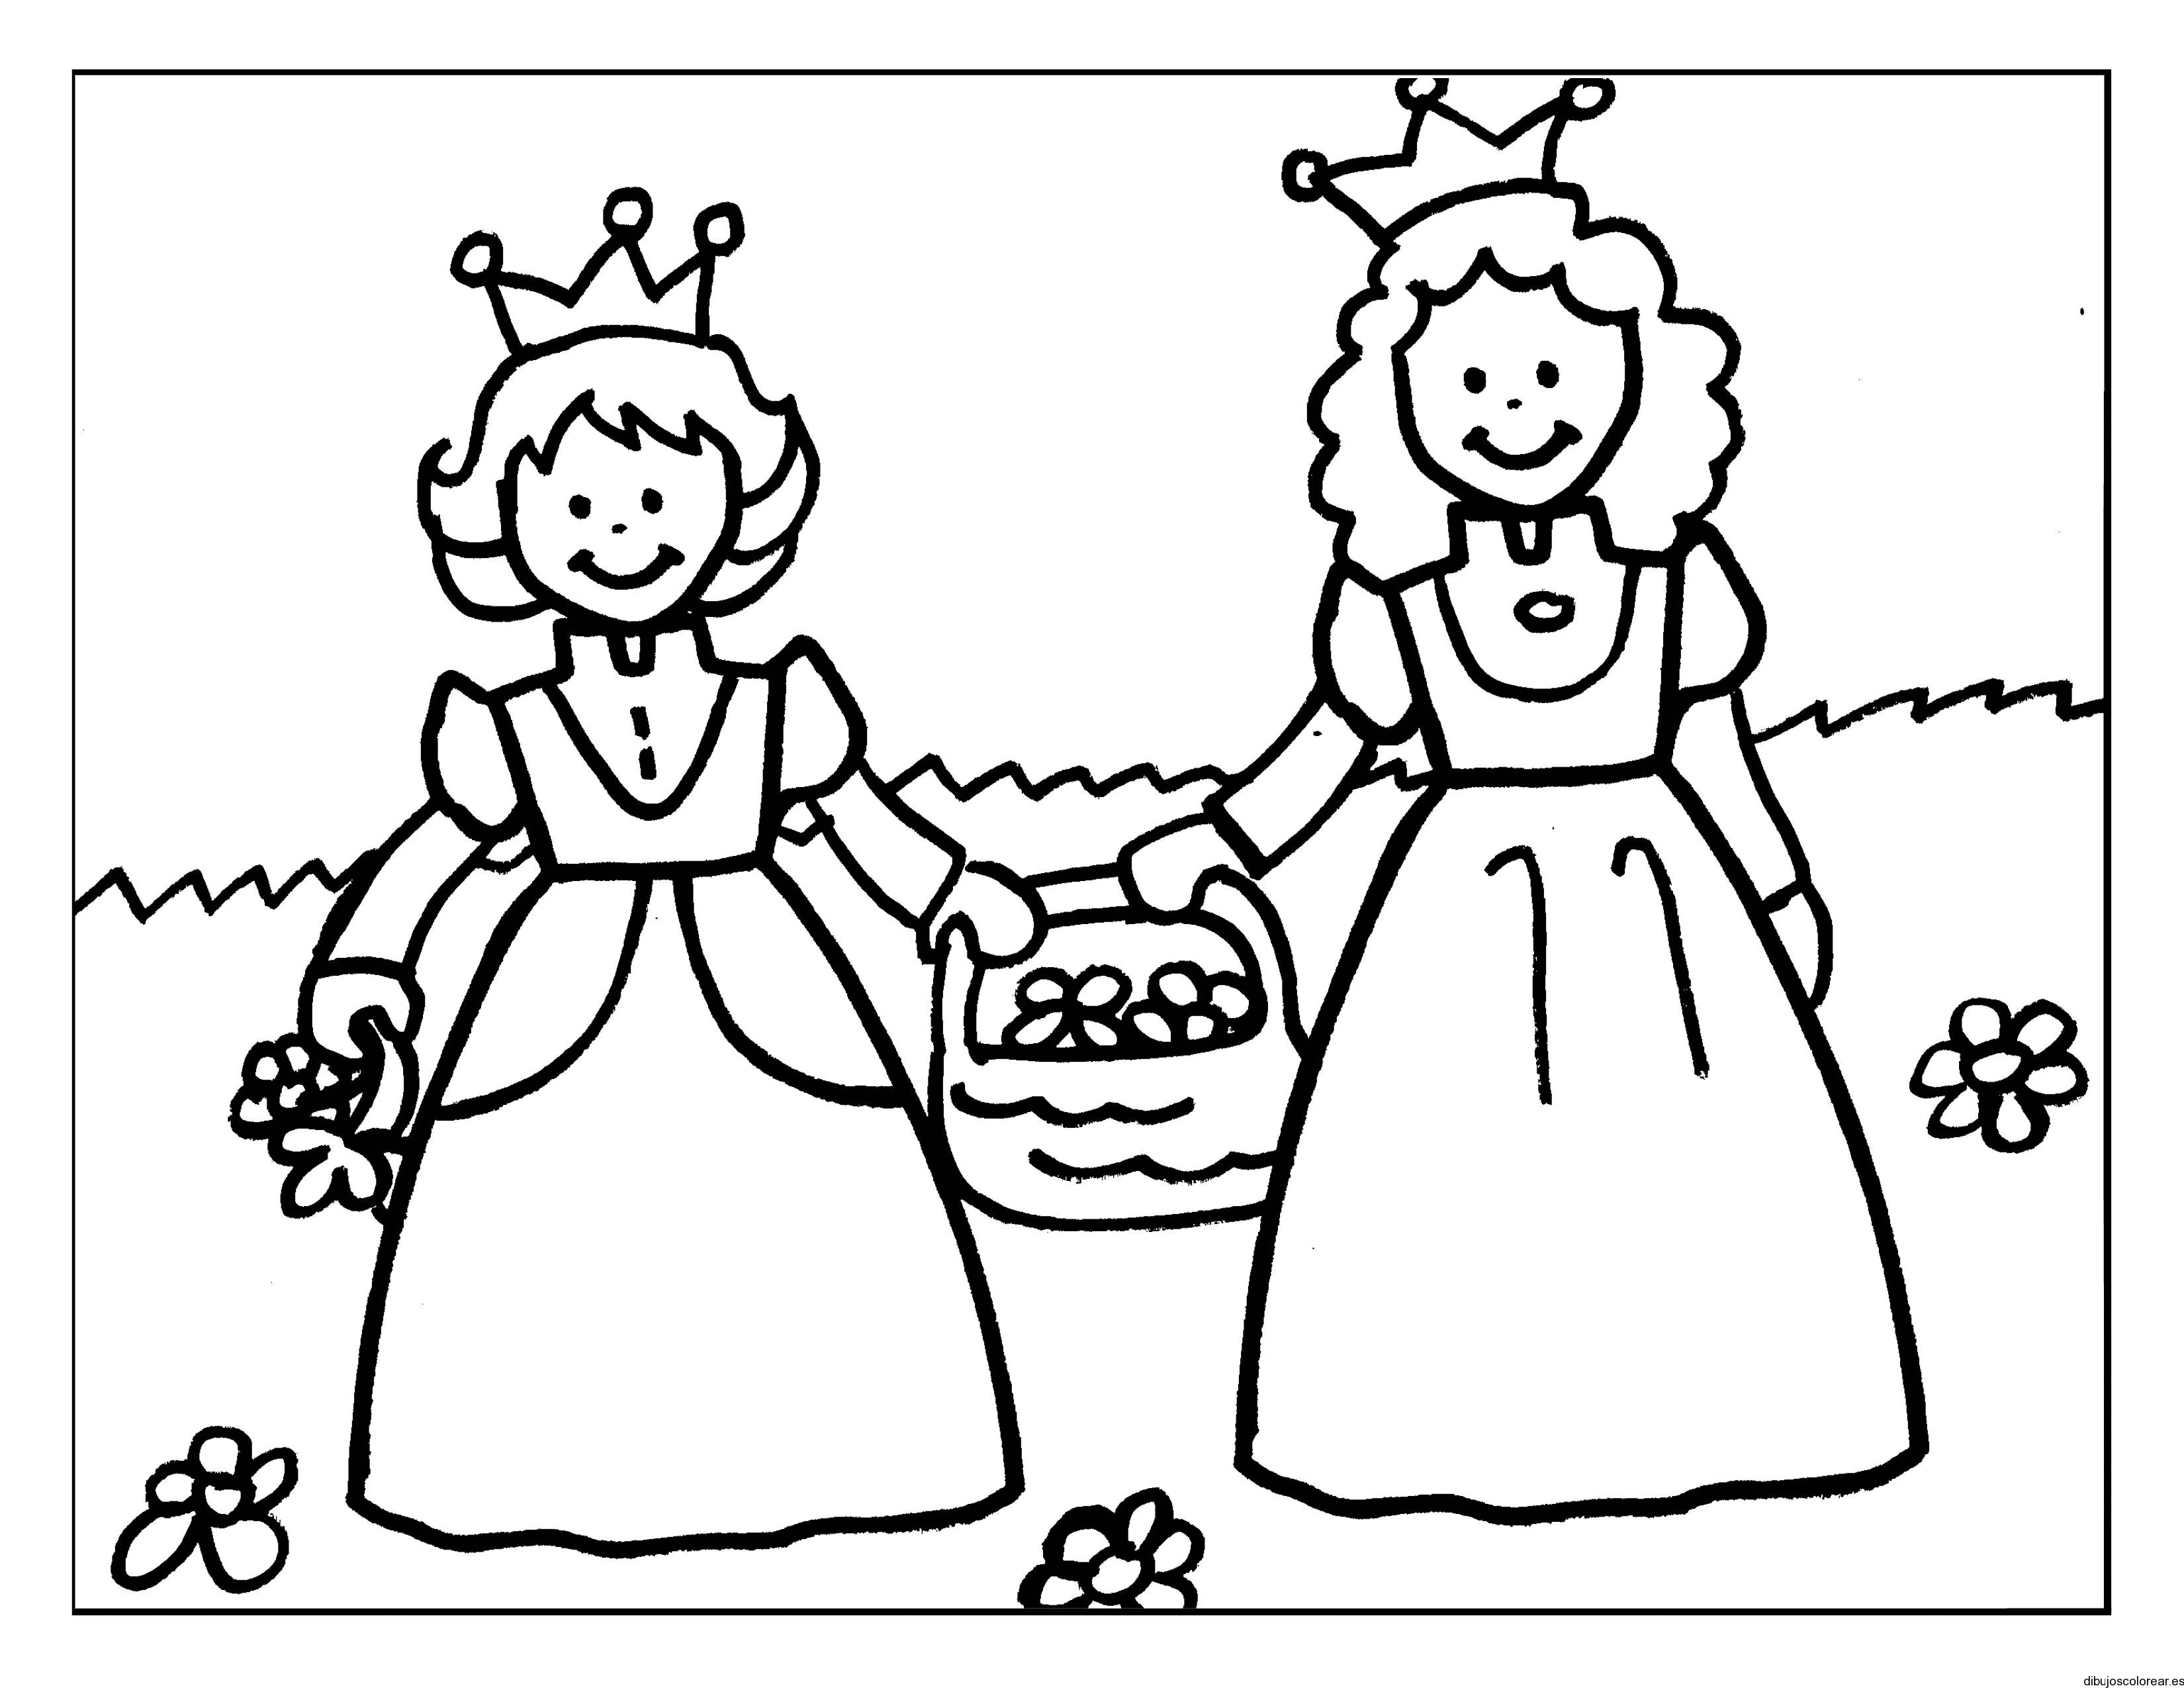 Dibujos De Principes Y Princesas Para Colorear: Dibujo De Dos Príncesas